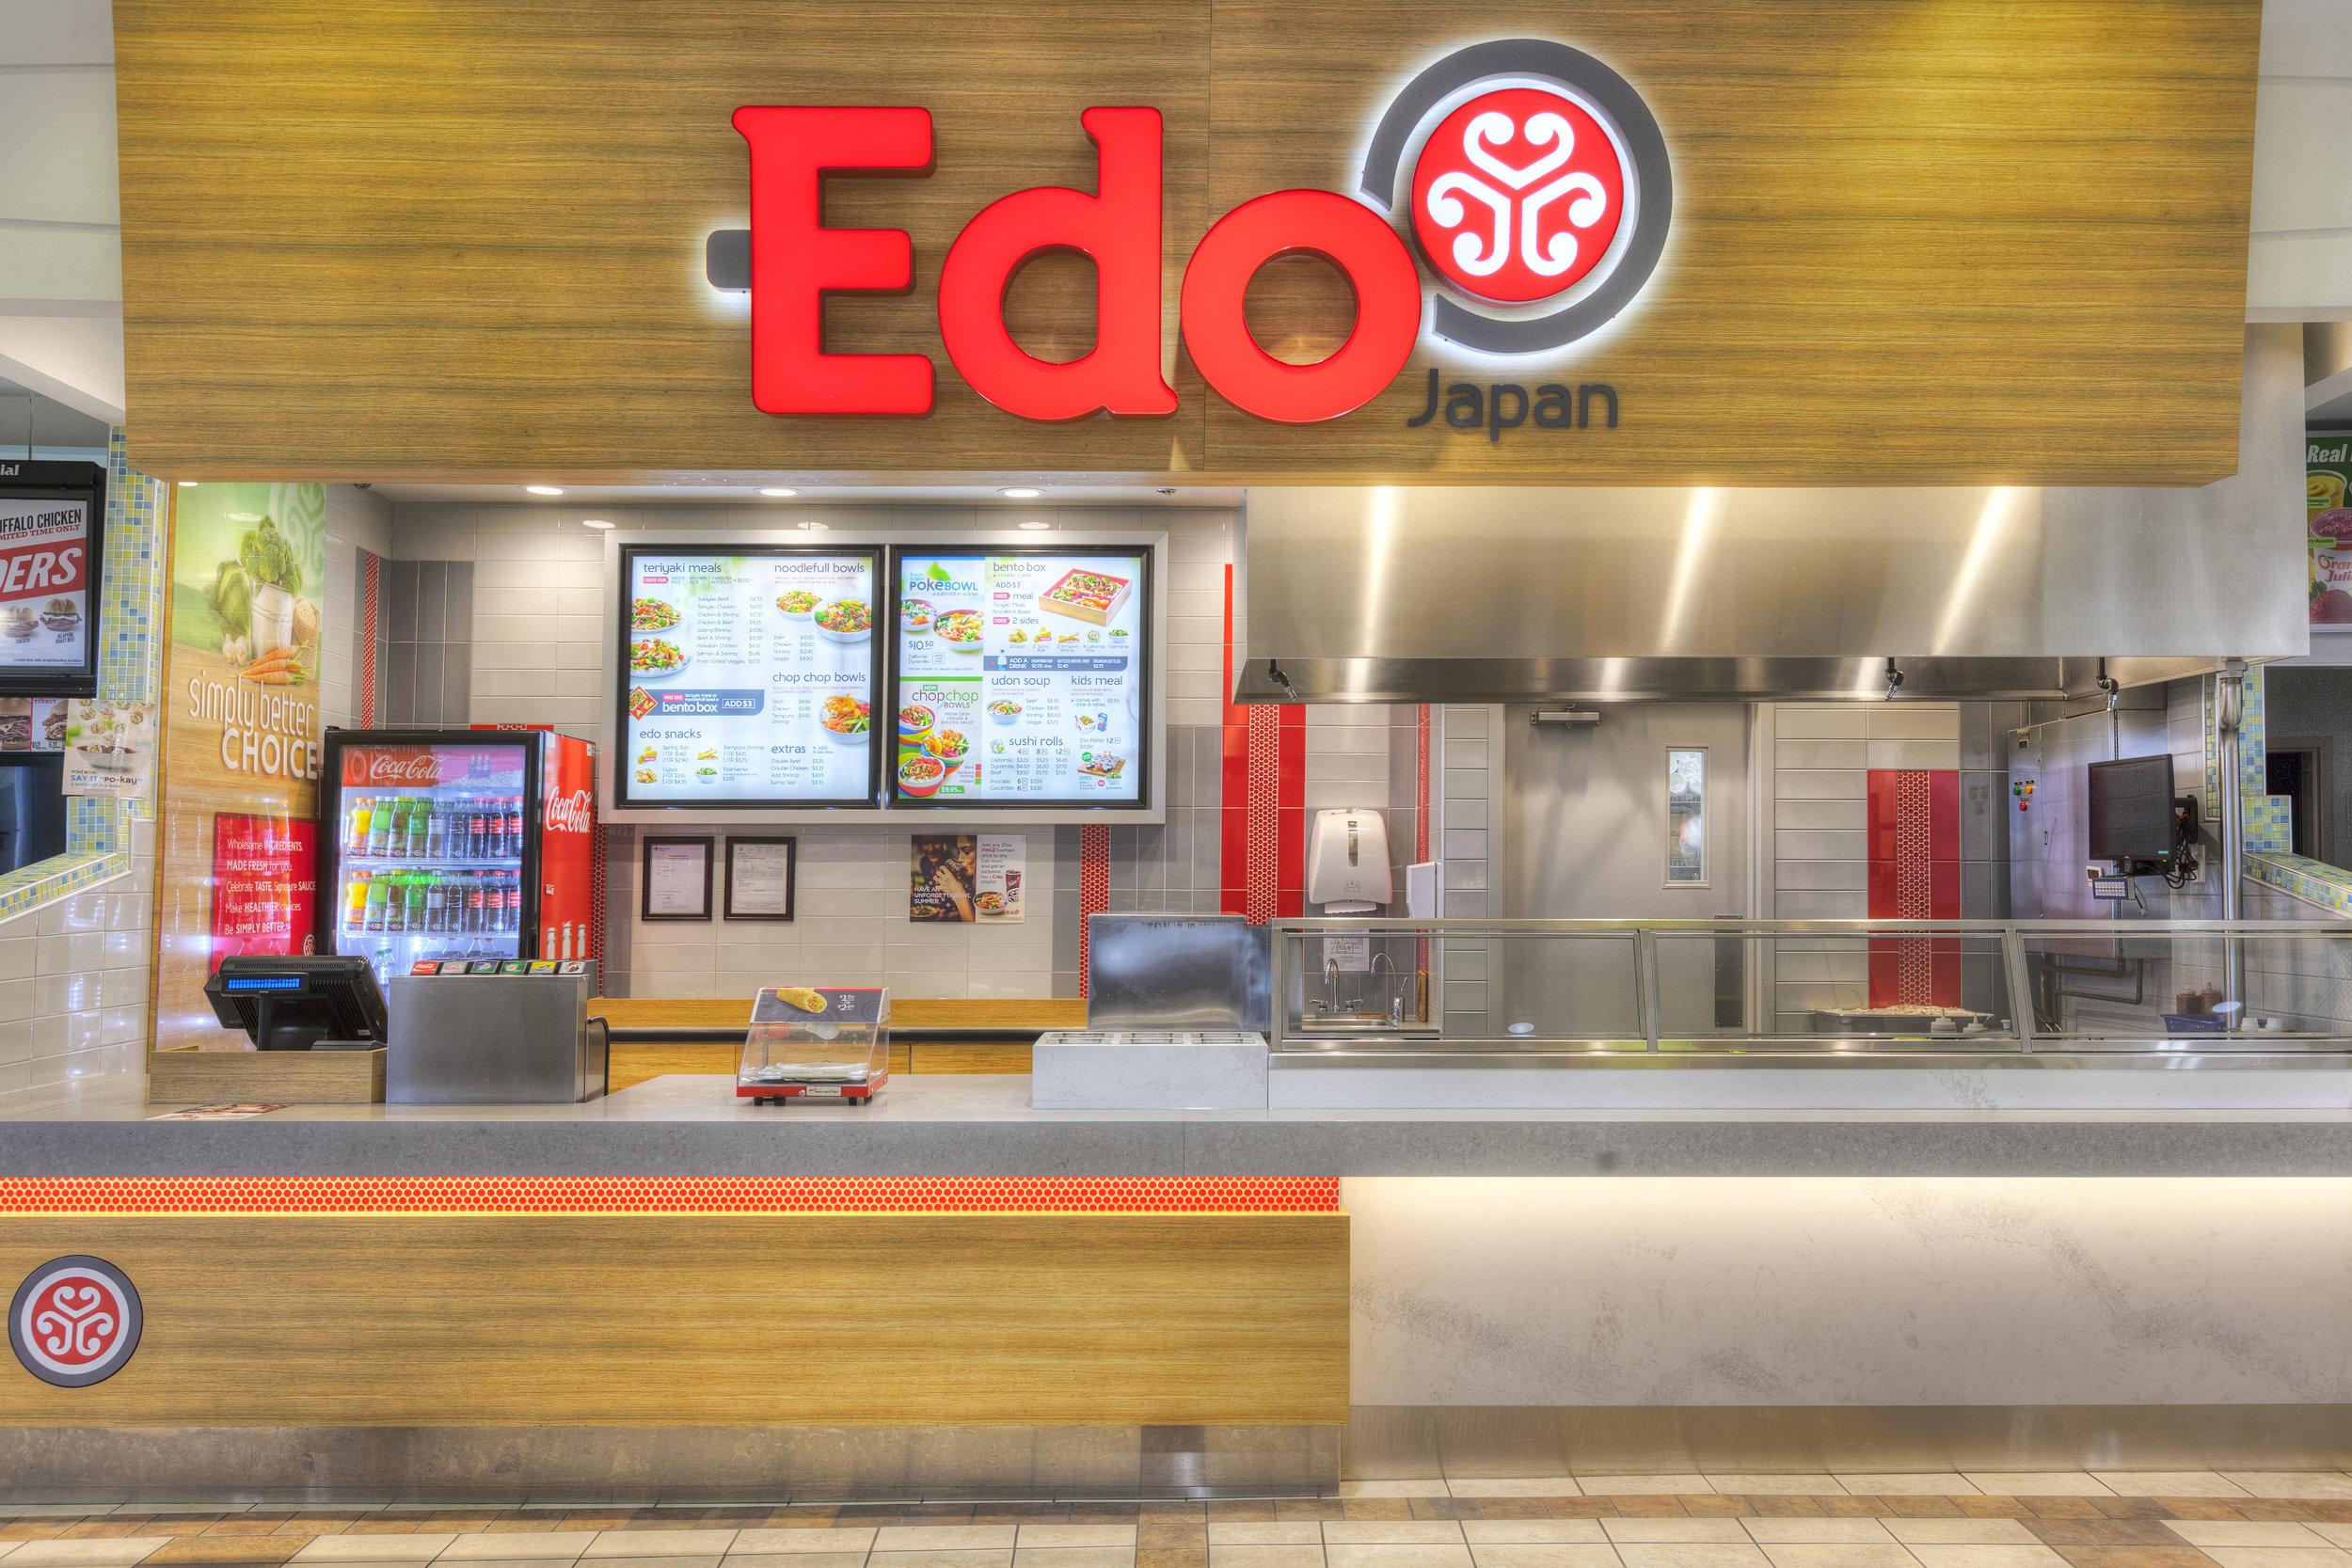 Edo Japan 1.jpg